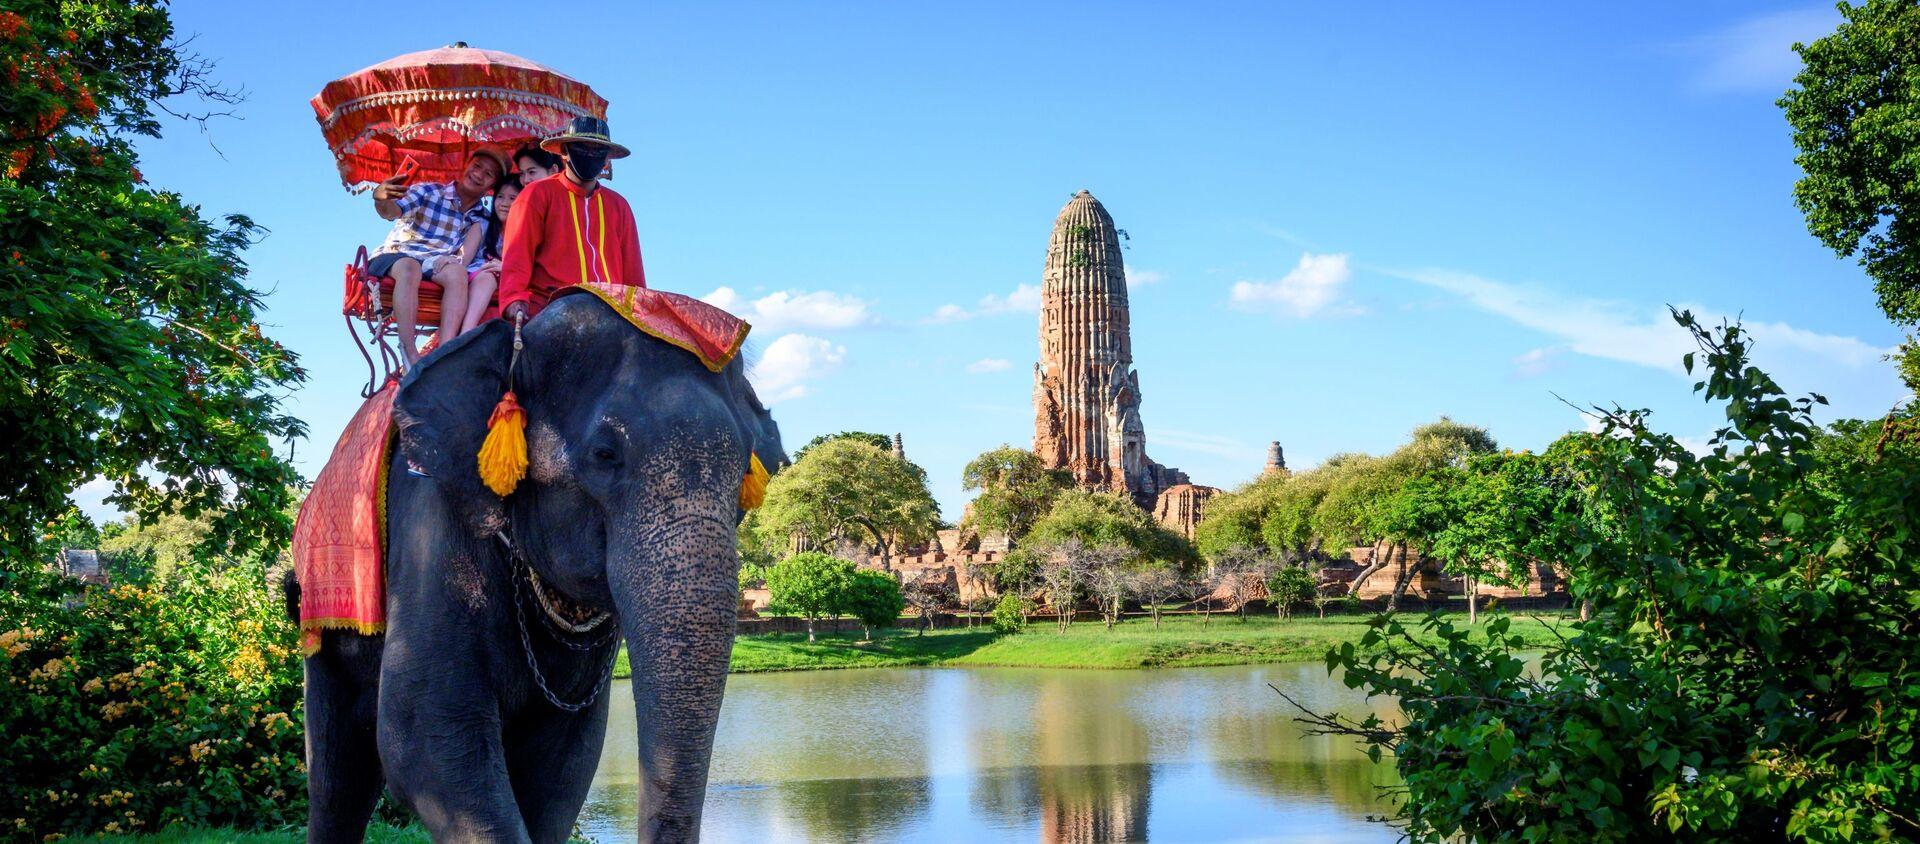 Туристы едут на слоне перед старым буддийским храмом в Аюттхае, примерно в 70 км к северу от Бангкока, Таиланд - Sputnik Беларусь, 1920, 08.03.2021